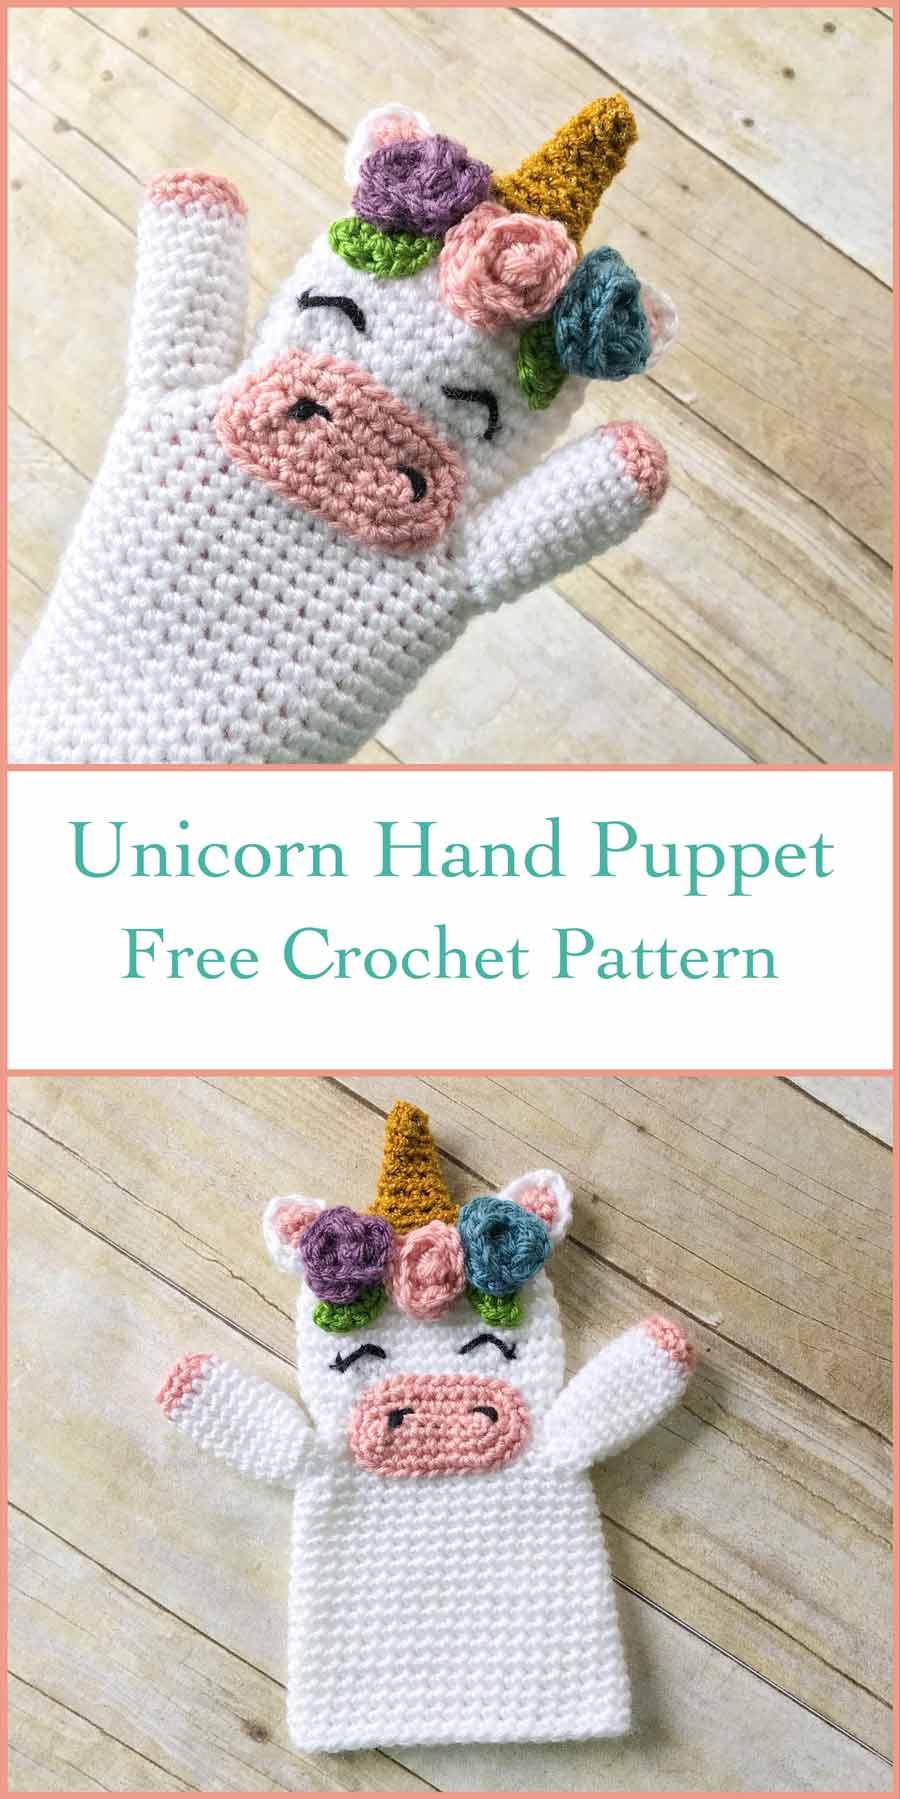 Crochet Unicorn Hand Puppet Free Crochet Pattern ⋆ Crochet Kingdom